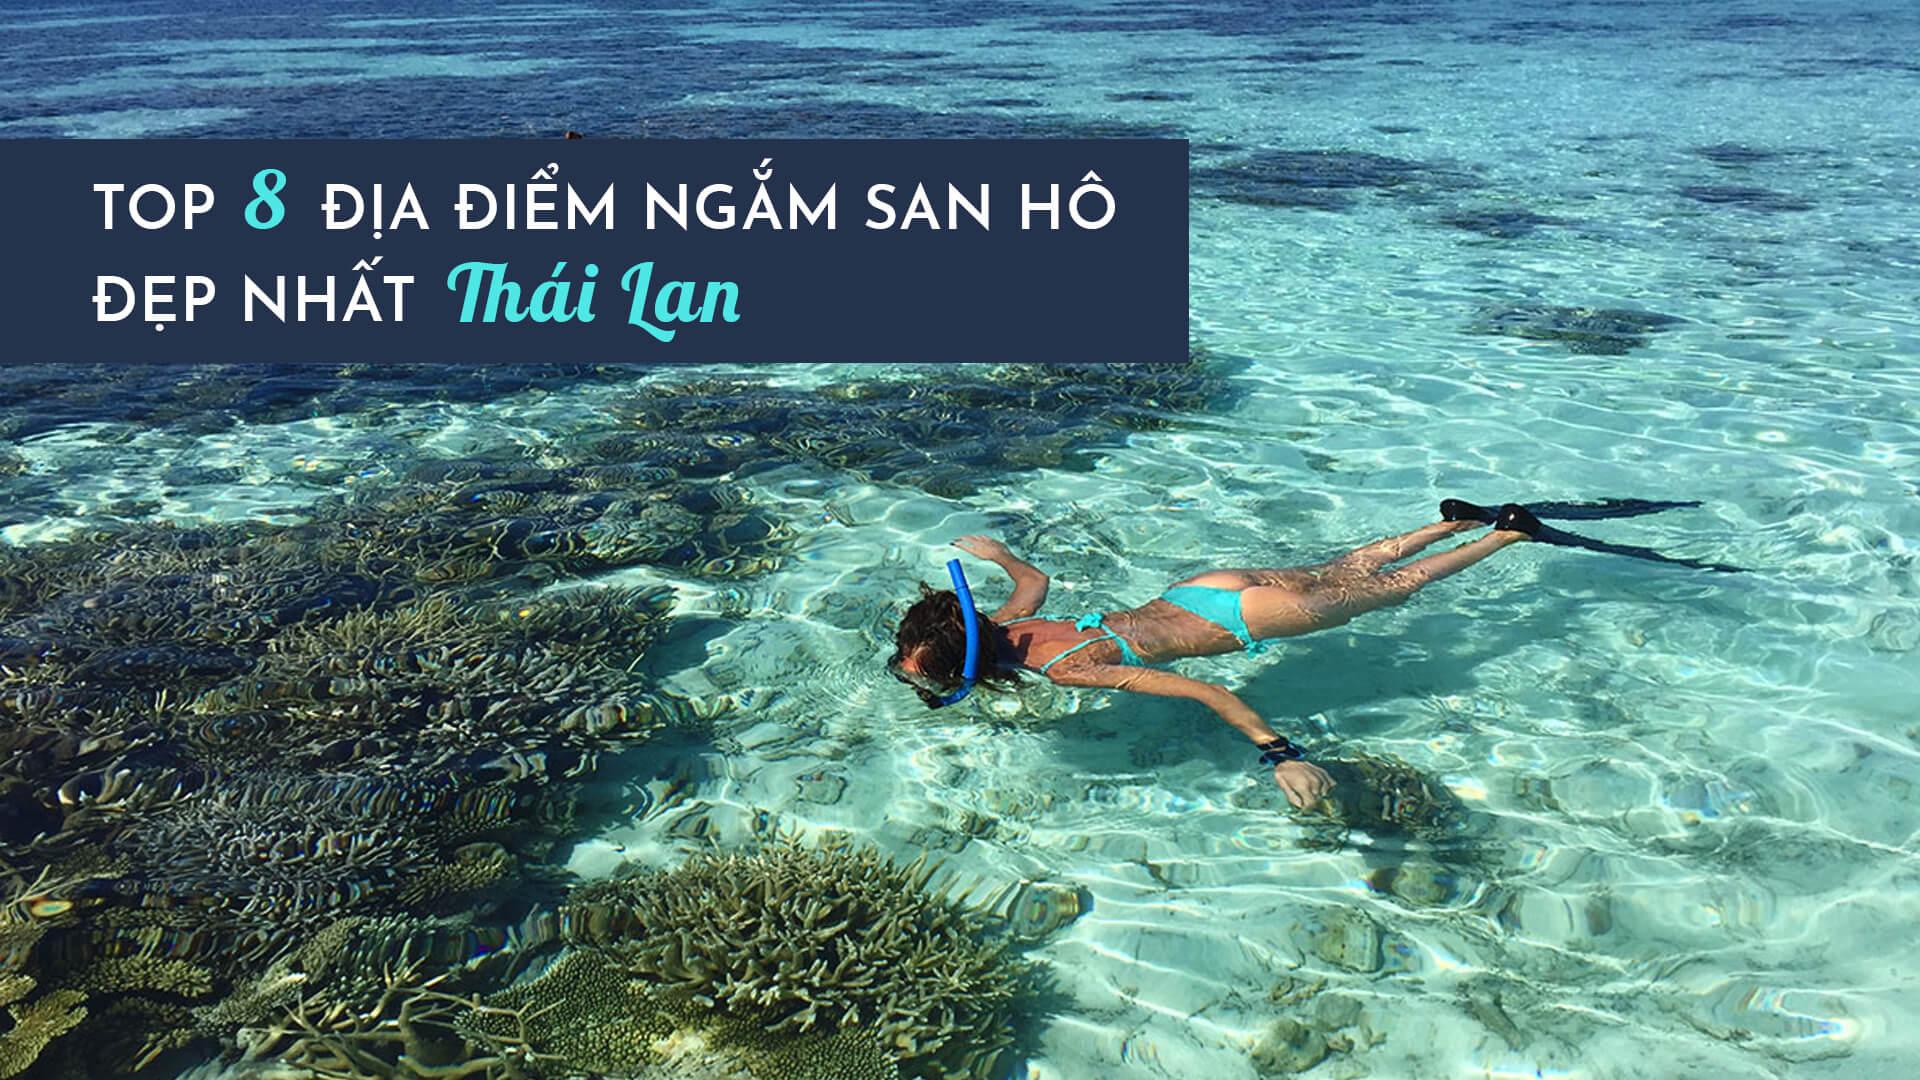 Top 8 địa điểm ngắm san hô đẹp nhất ở Thái Lan